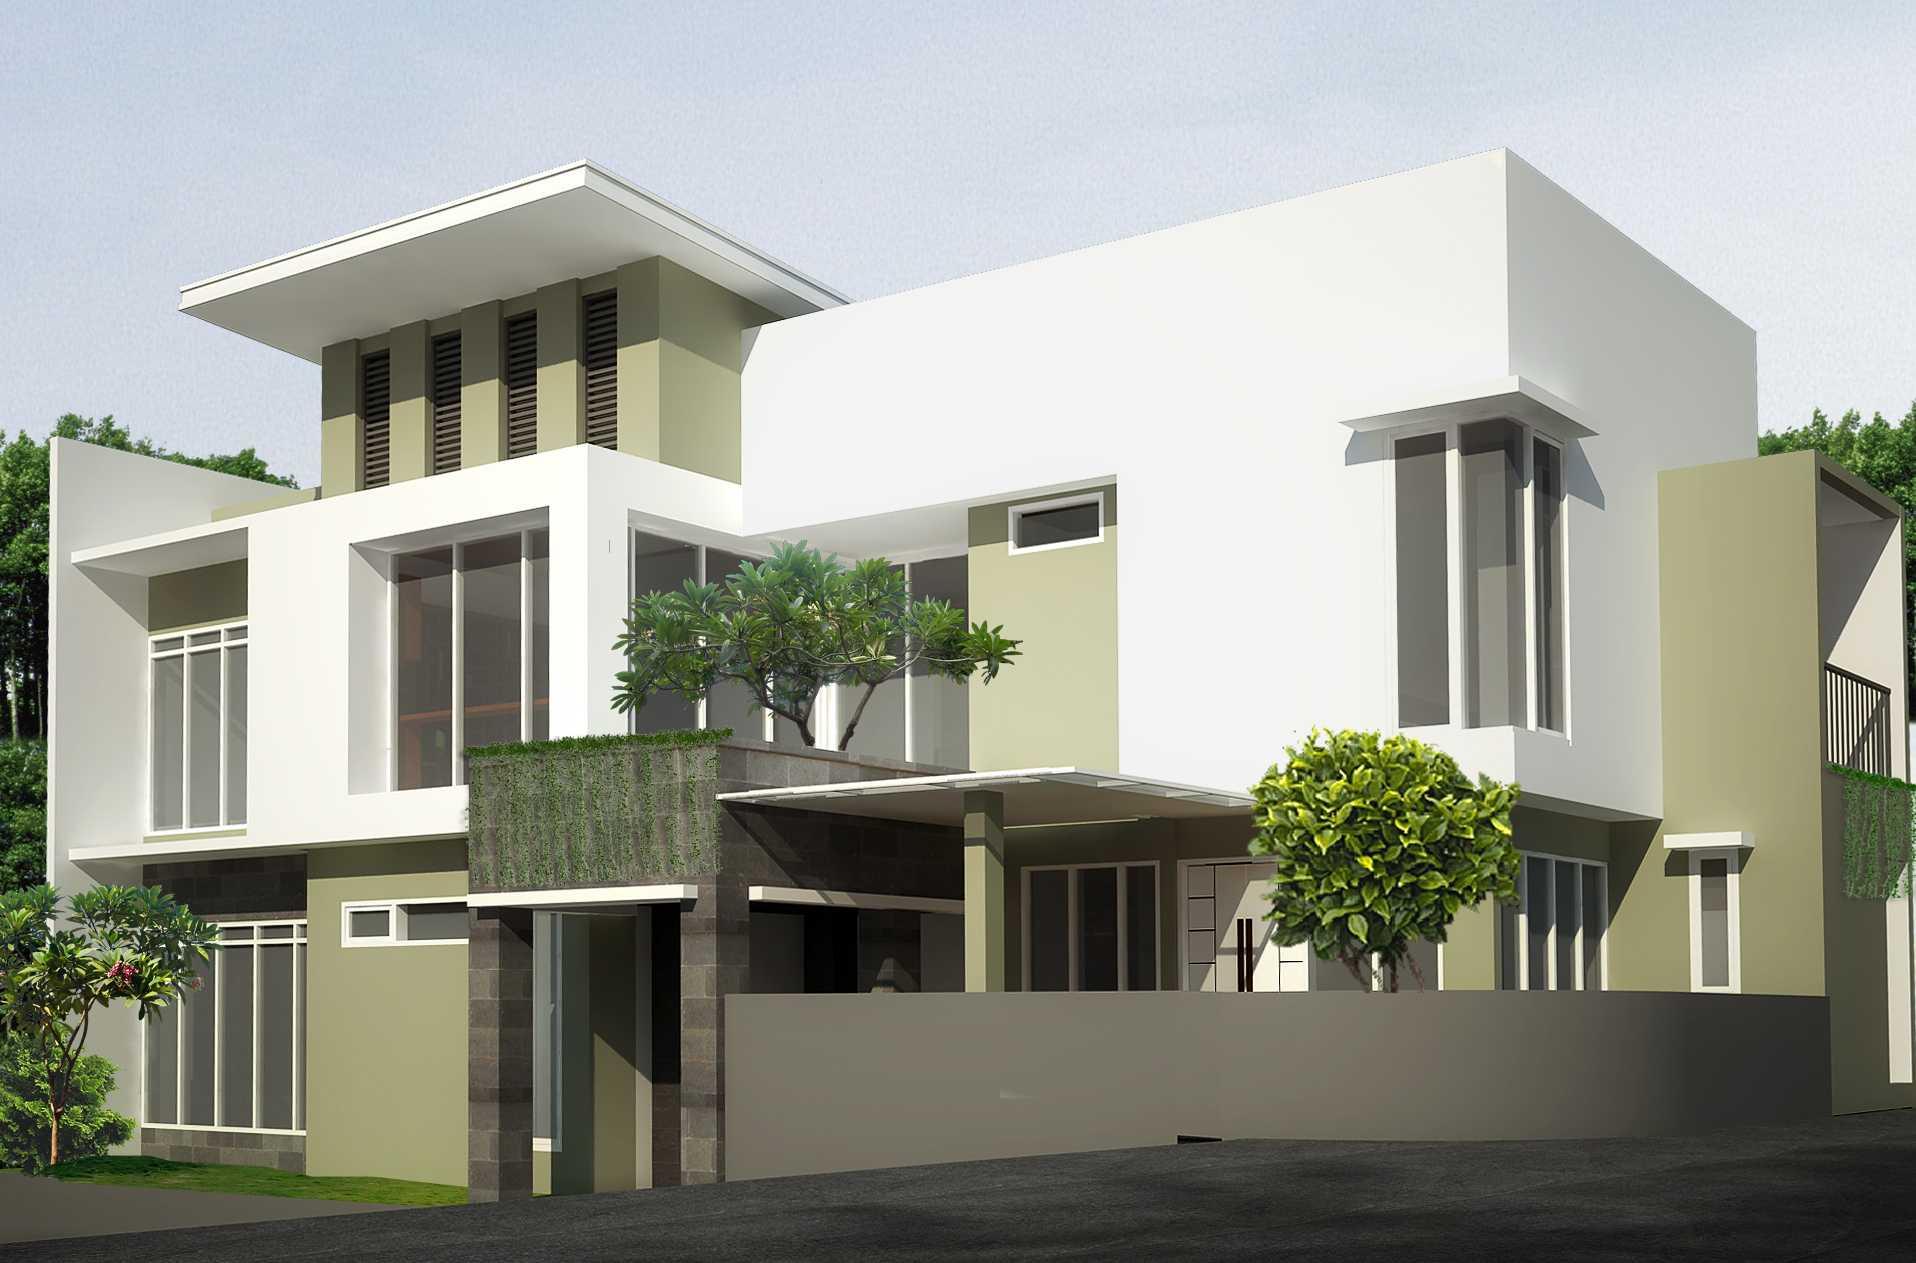 Daun Architect Rumah Tinggal Green Garden View Bandung, Kota Bandung, Jawa Barat, Indonesia Bandung, Kota Bandung, Jawa Barat, Indonesia Daun-Architect-Rumah-Tinggal-Green-Garden-View  64542